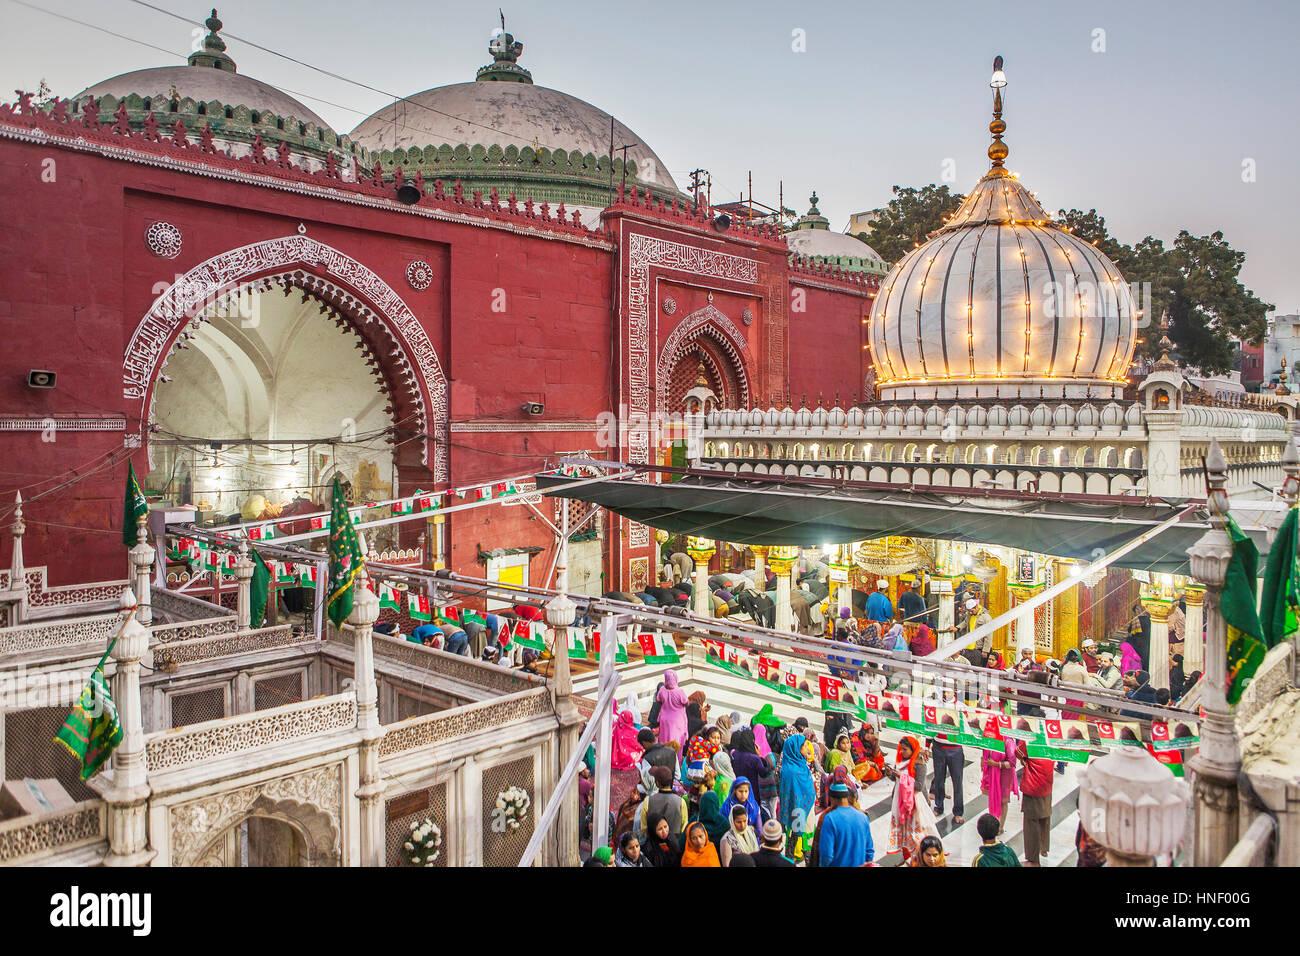 Hazrat Nizamuddin Dargah, Delhi, India Stock Photo